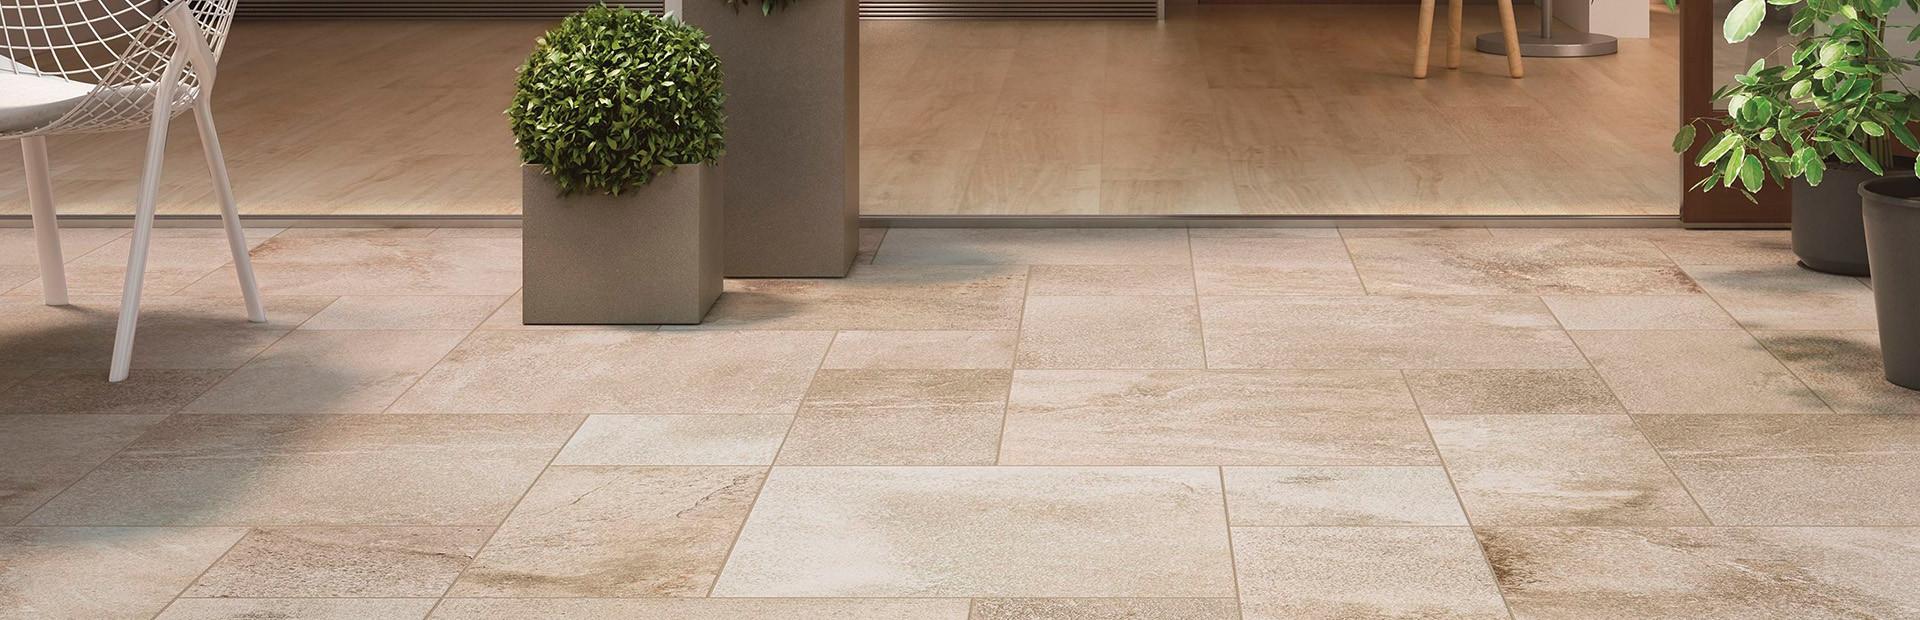 Pavimentos y revestimientos para interiores y exteriores - Pavimentos ceramicos interiores ...